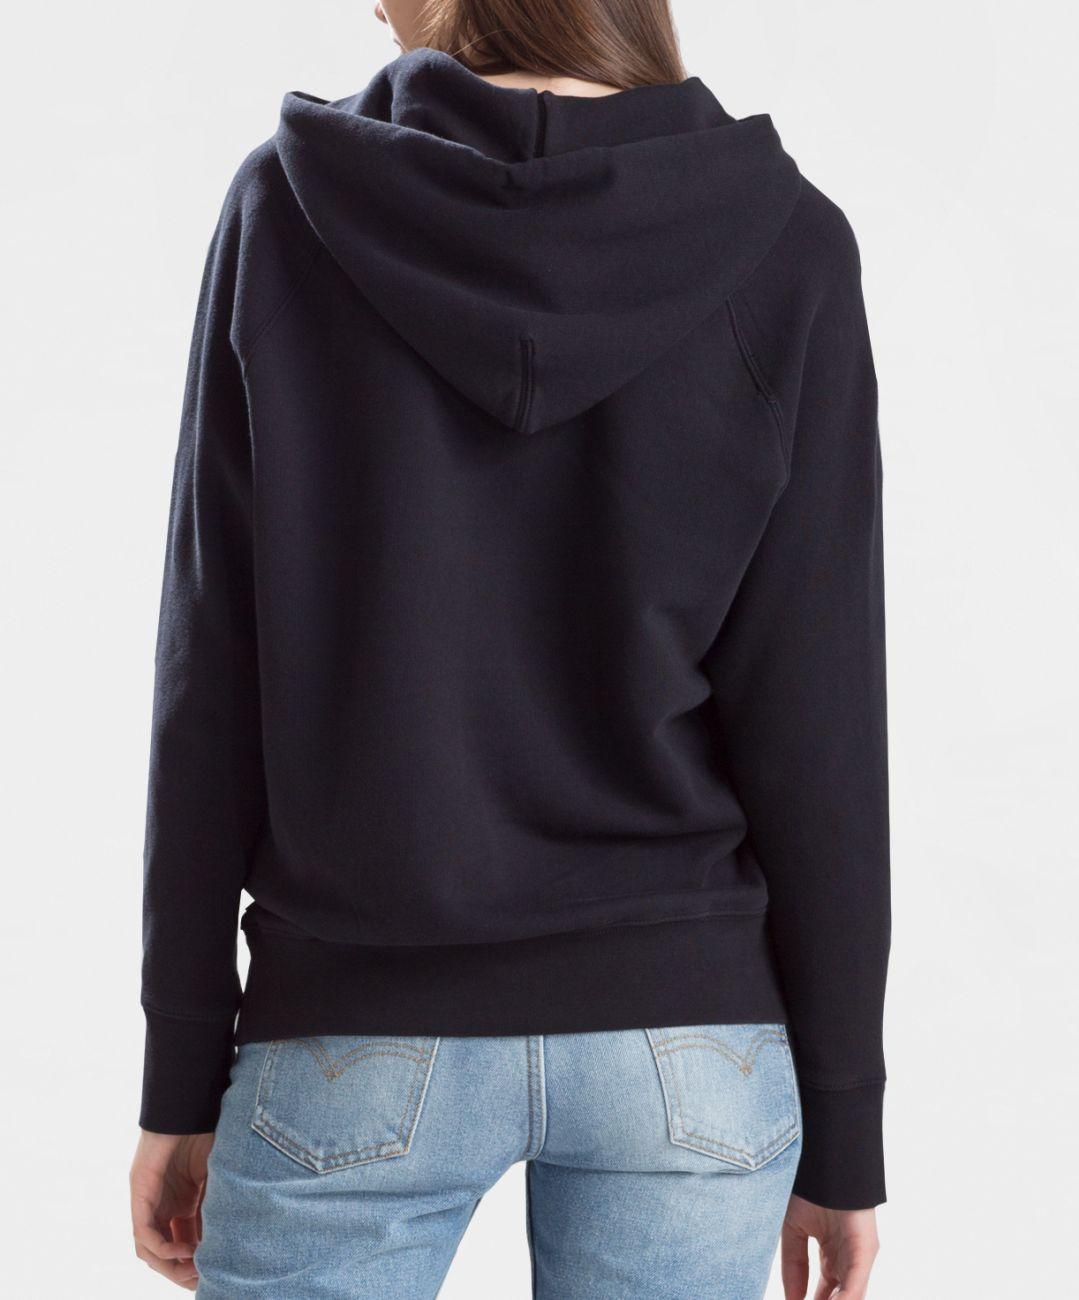 LEVIS Sweater für Damen Pullover 35946-0002 schwarz W18-LDP1